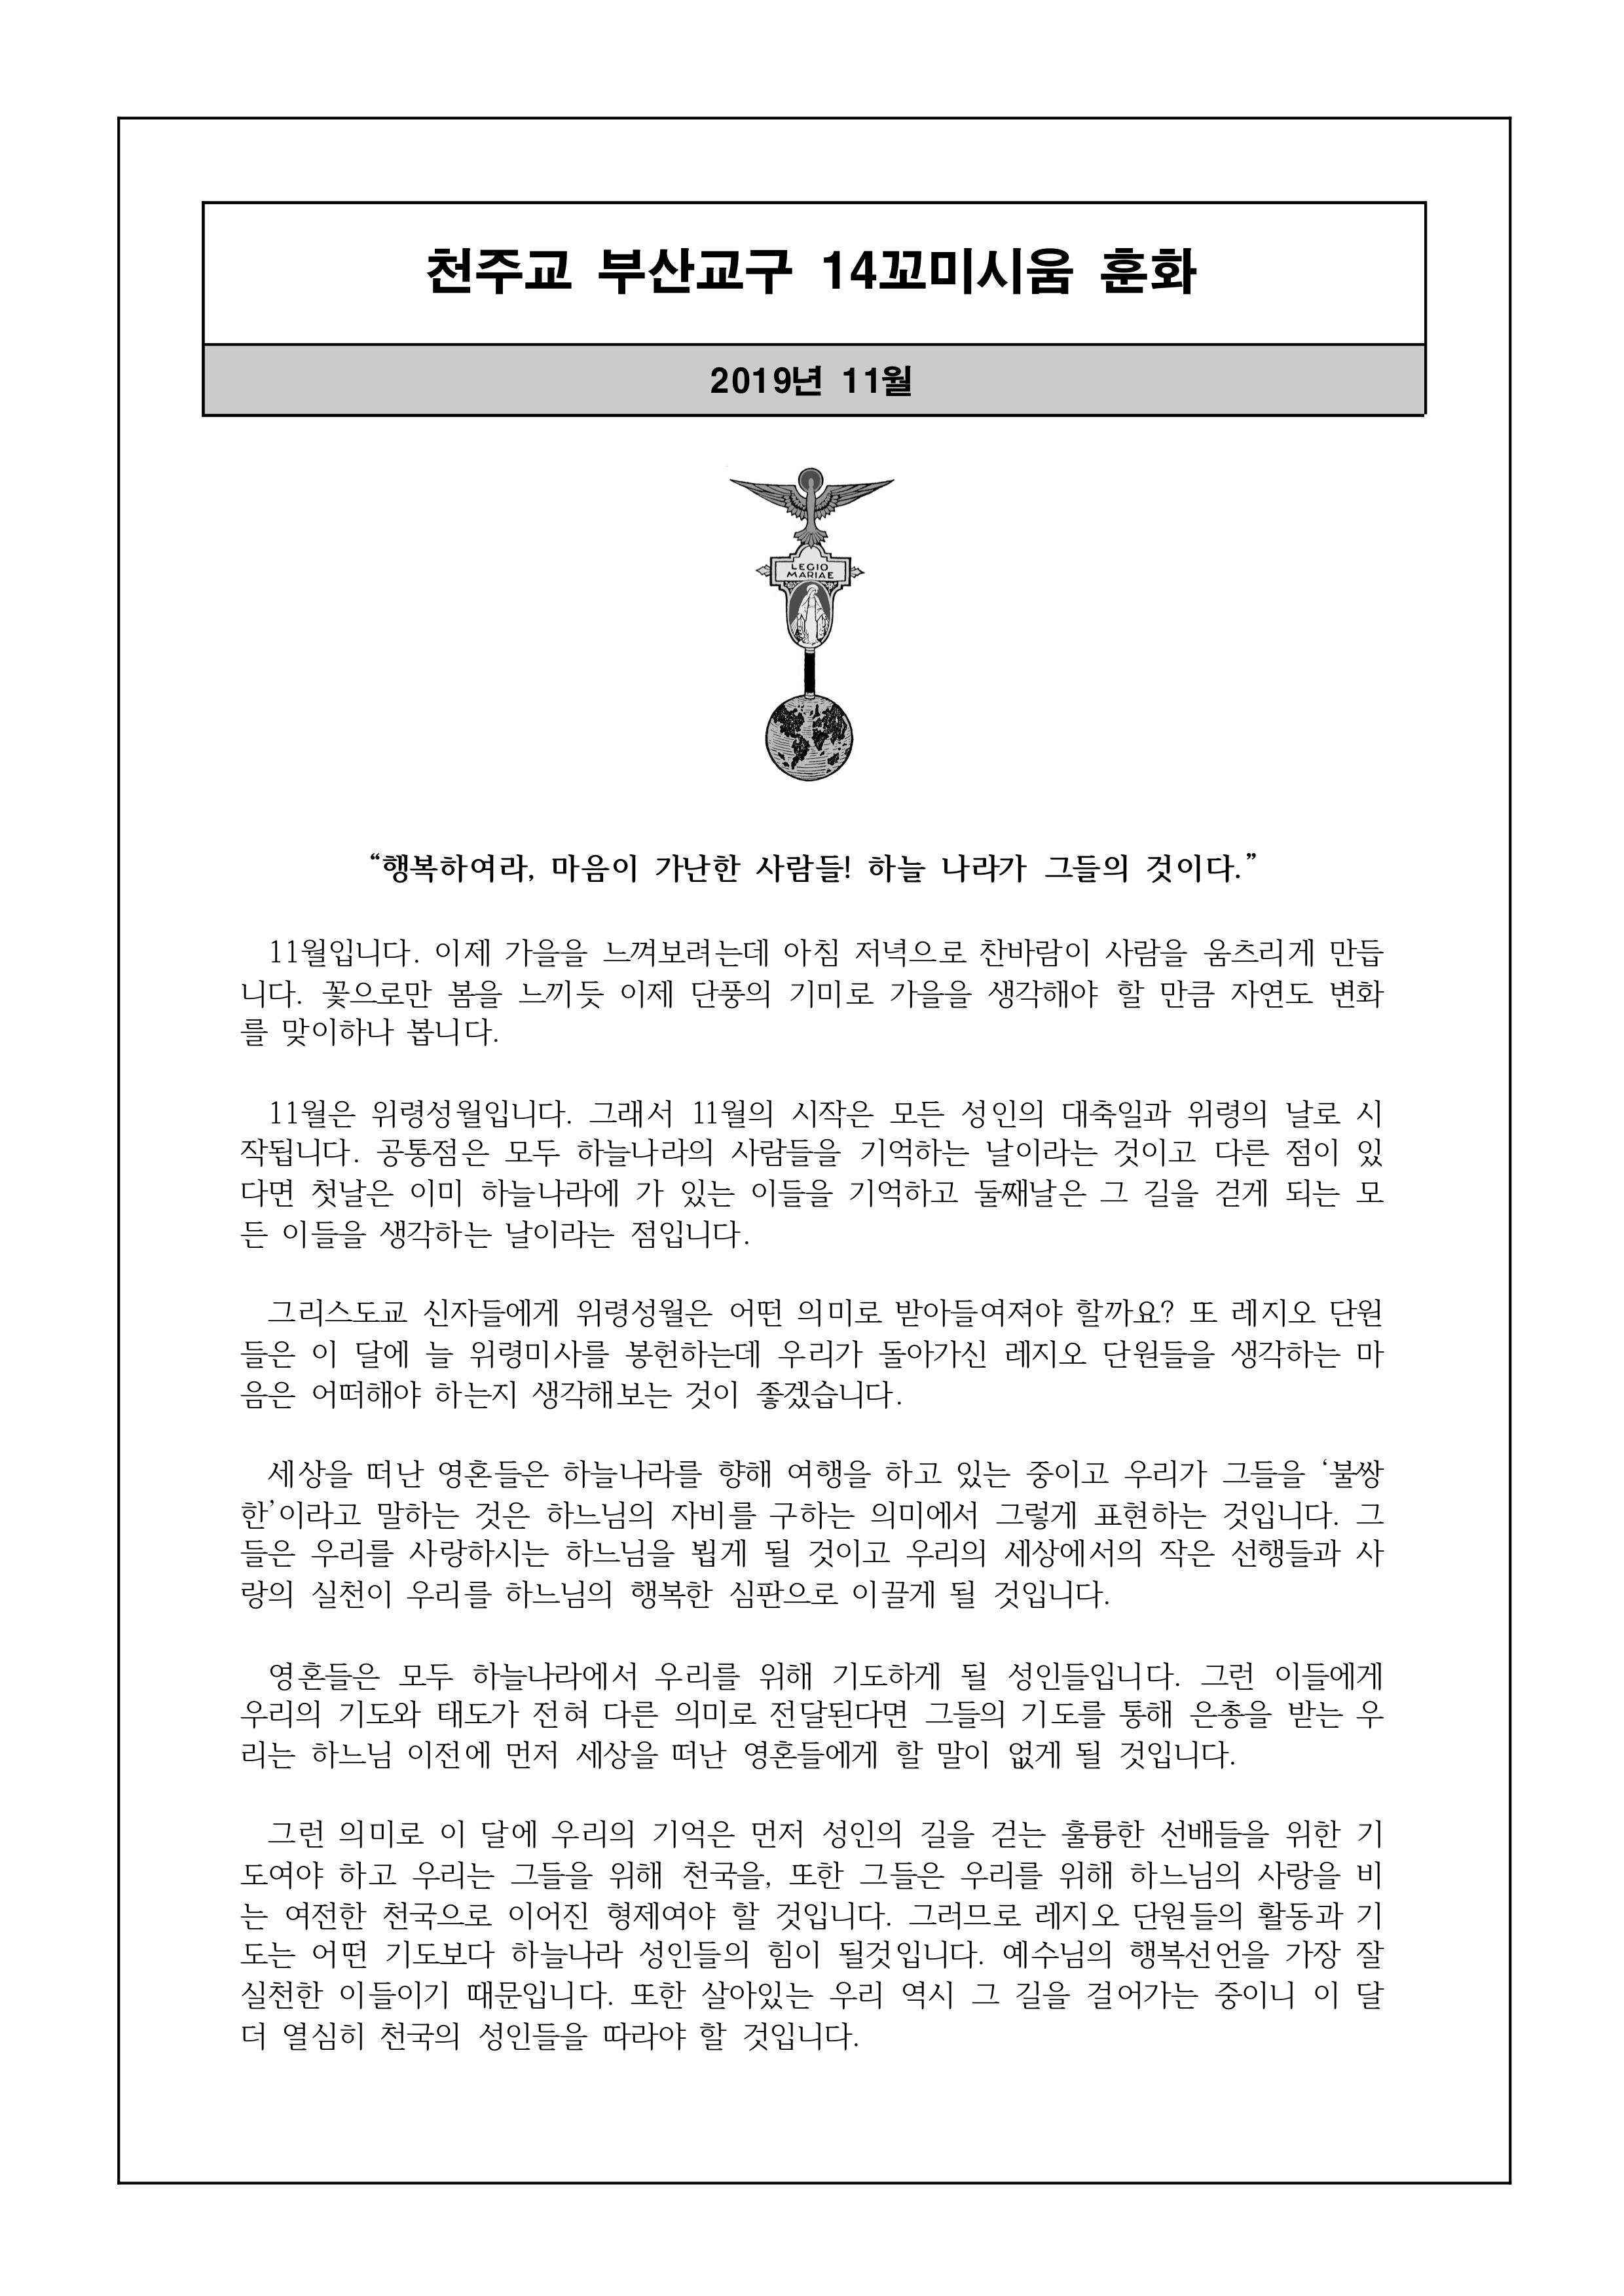 2019년 11월 꼬미시움 훈화.jpg